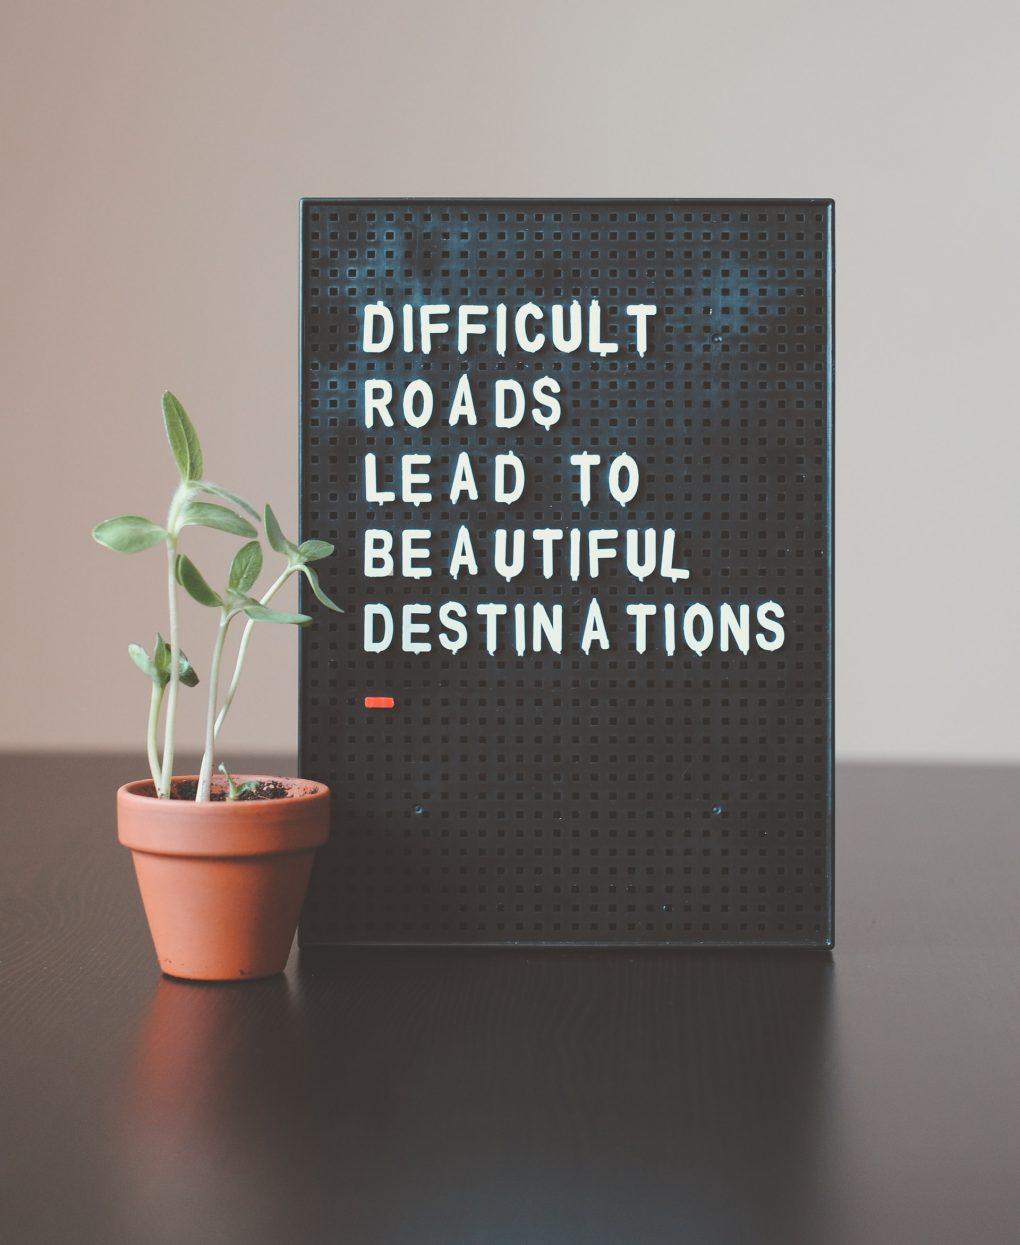 imagem de uma frase sobre difficult roads e growth mindset